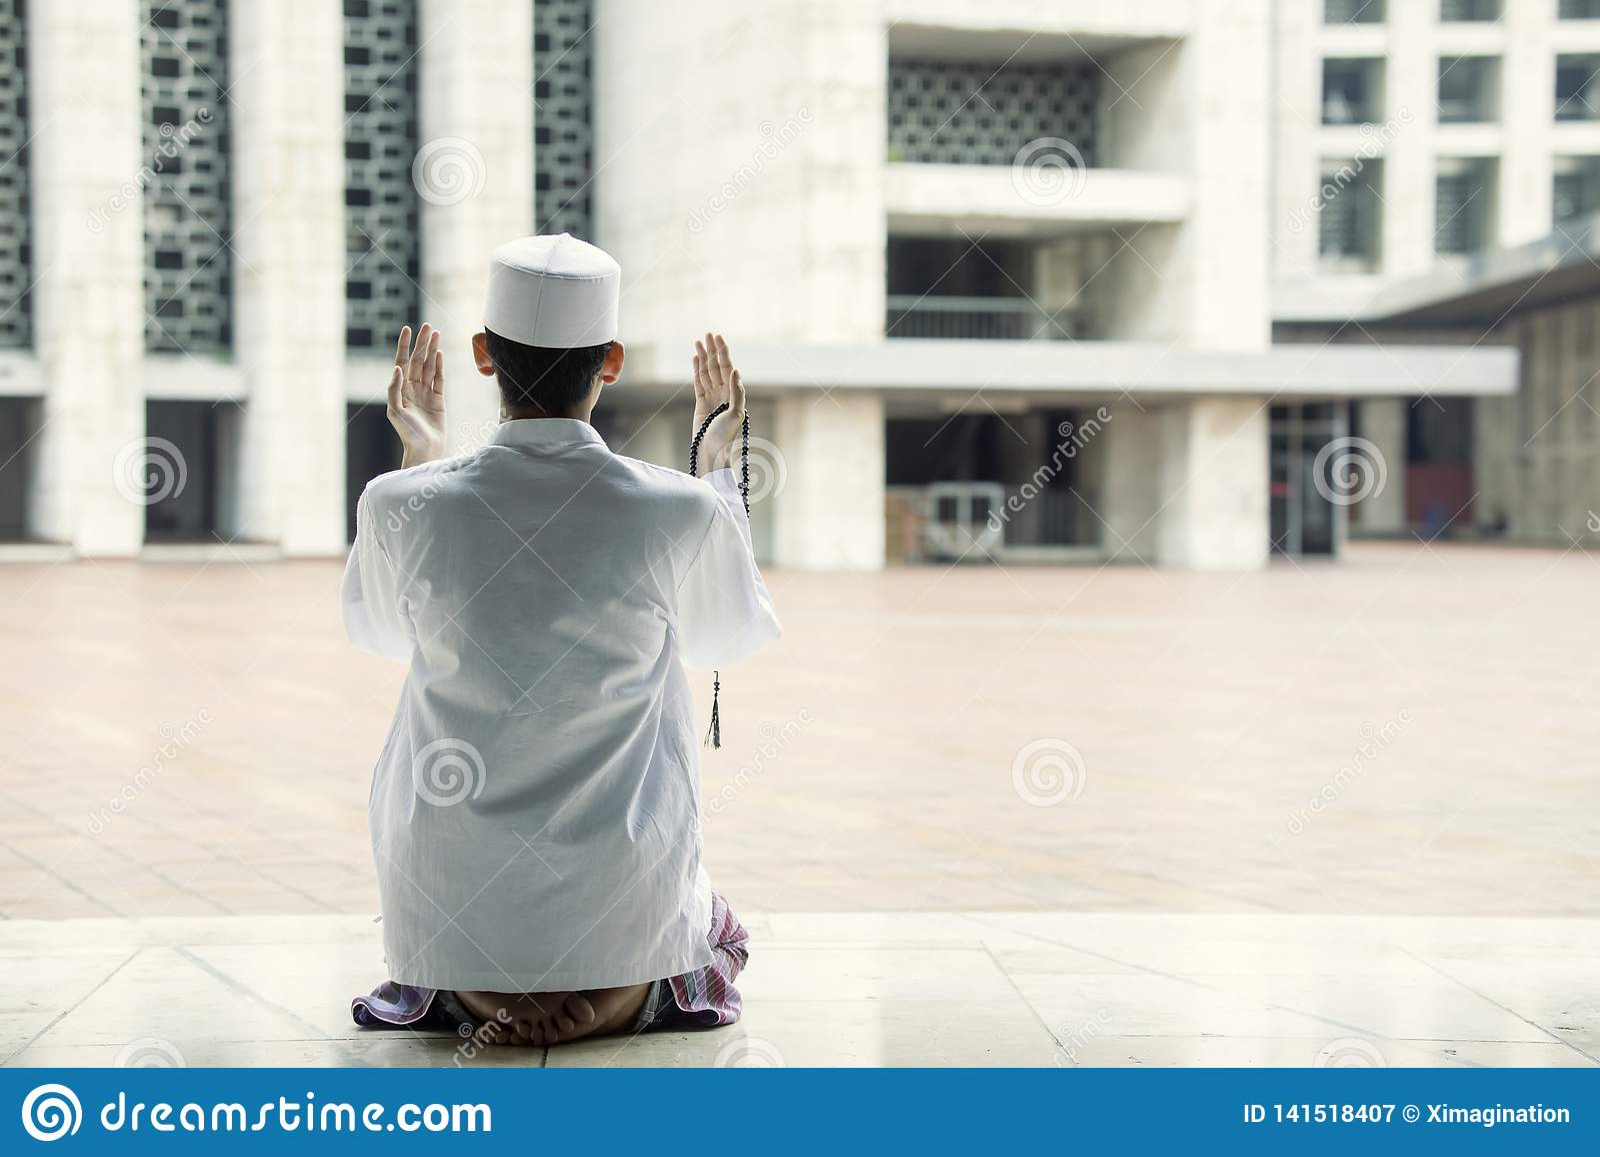 De godsvruchtige mens bidt aan Allah in de moskee